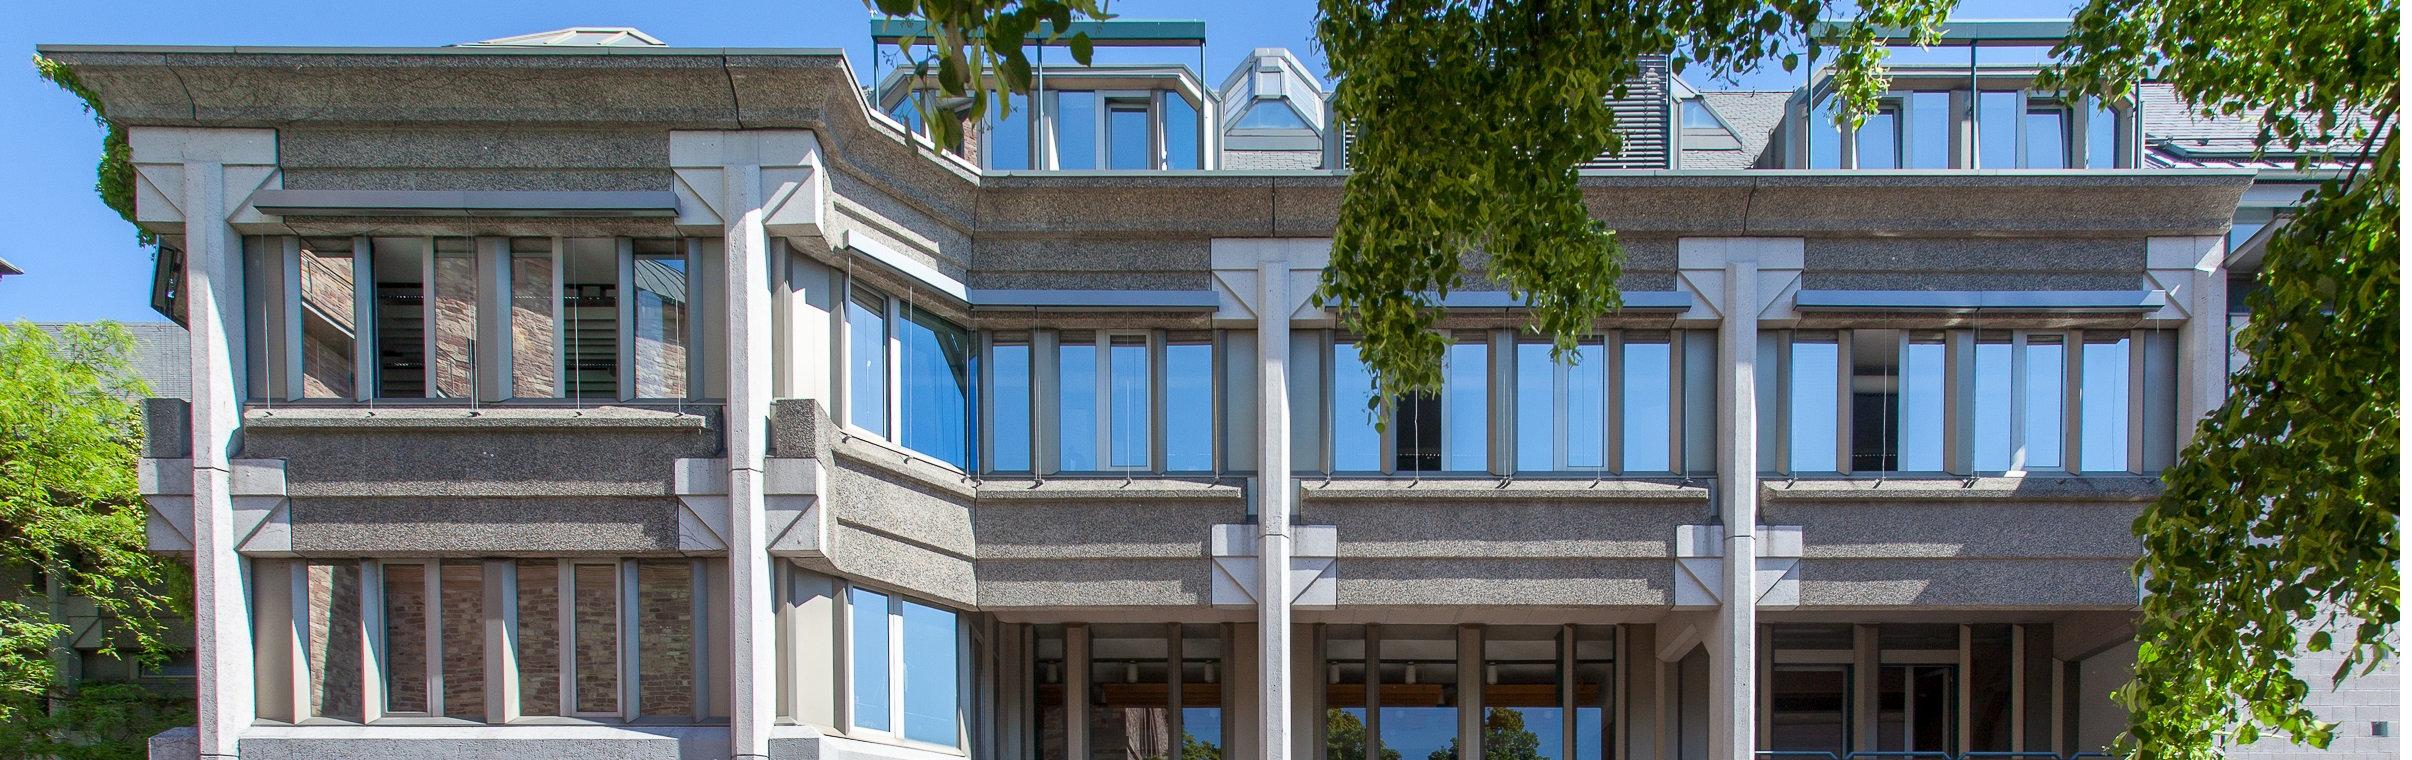 Stellenangebote Karlsruhe Teilzeit